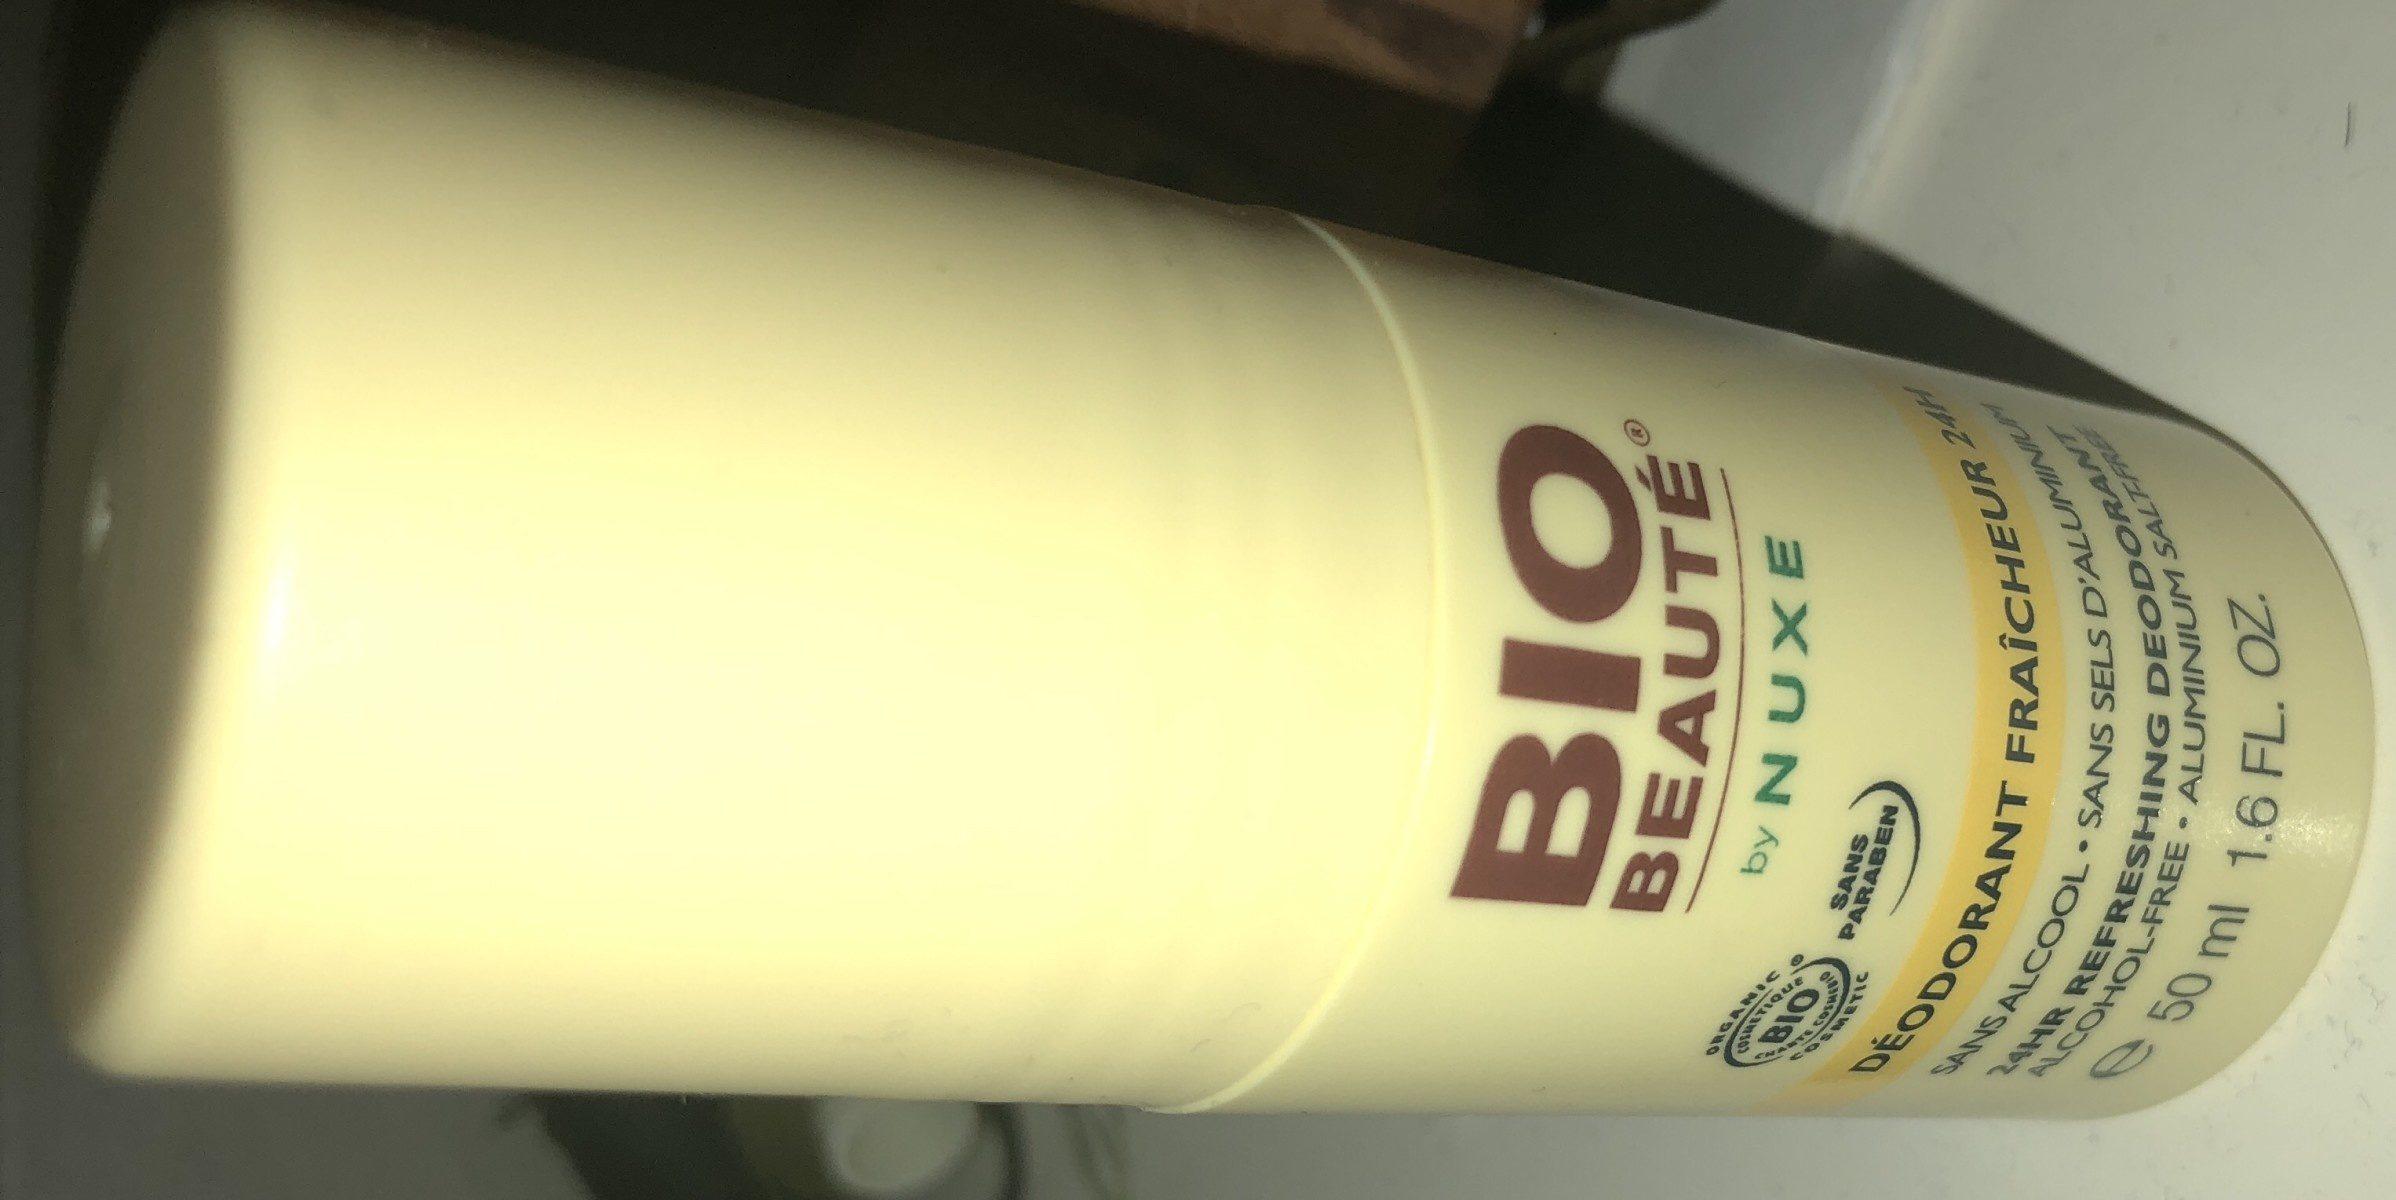 Bio Beauté By Nuxe SOINS CORPS Déodorant Fraicheur 24H - Ingredients - fr